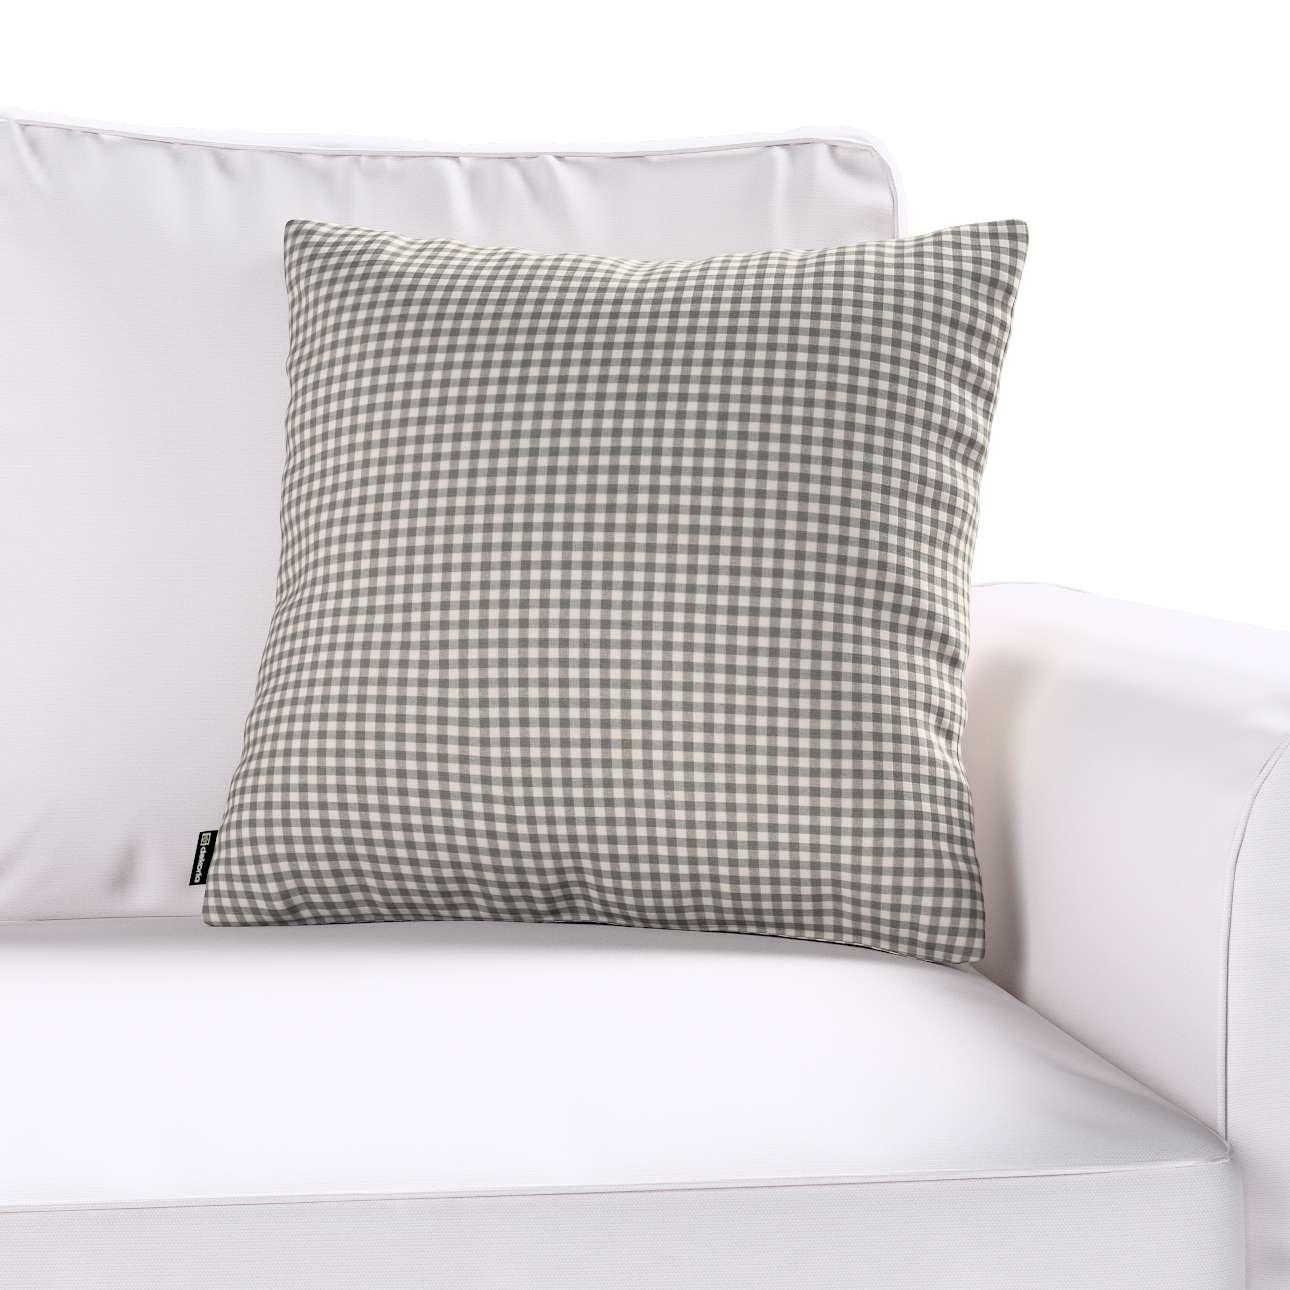 Poszewka Kinga na poduszkę 43 x 43 cm w kolekcji Quadro, tkanina: 136-10